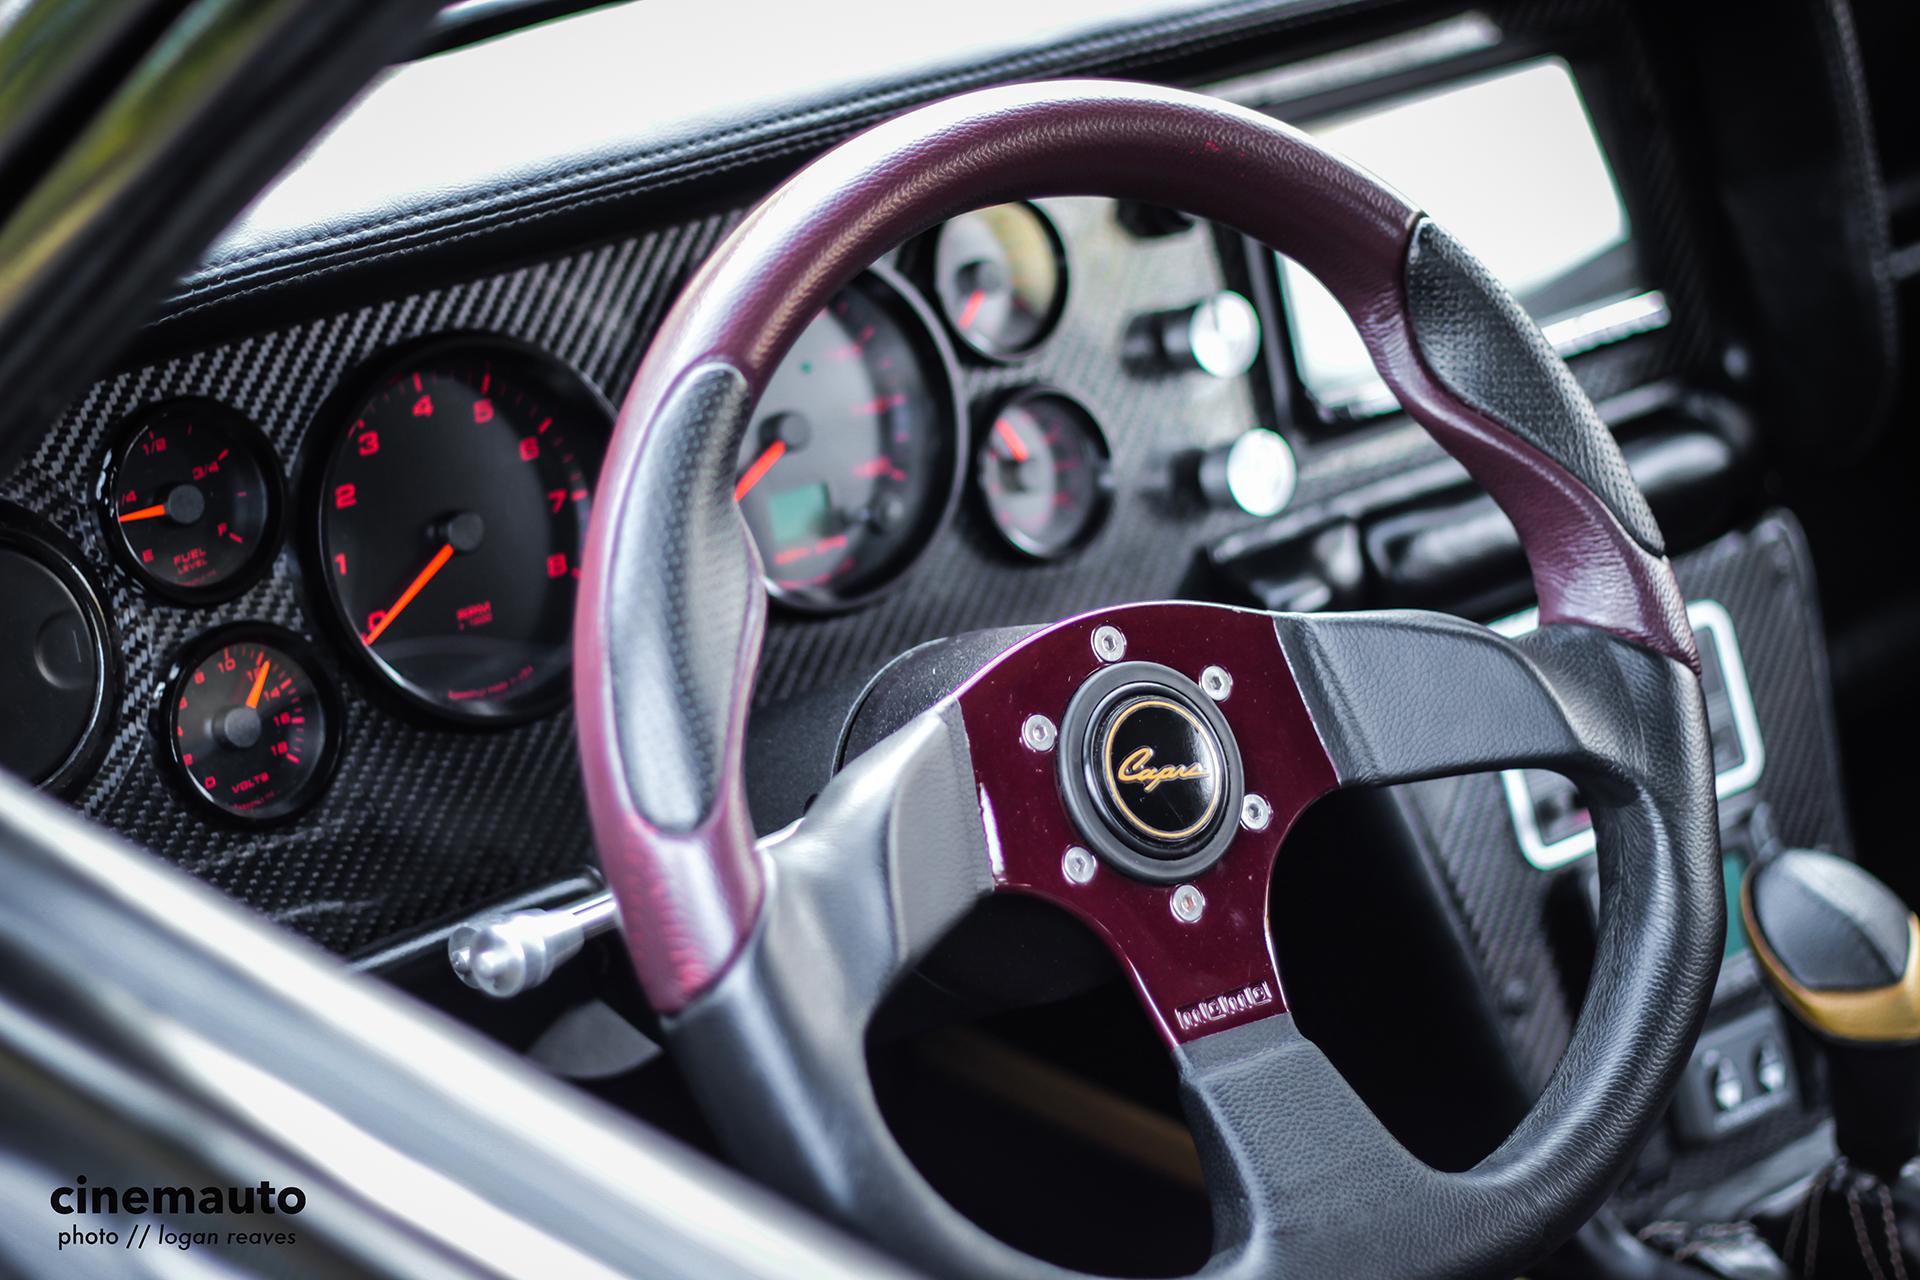 cinemauto-ford-capri-8.jpg